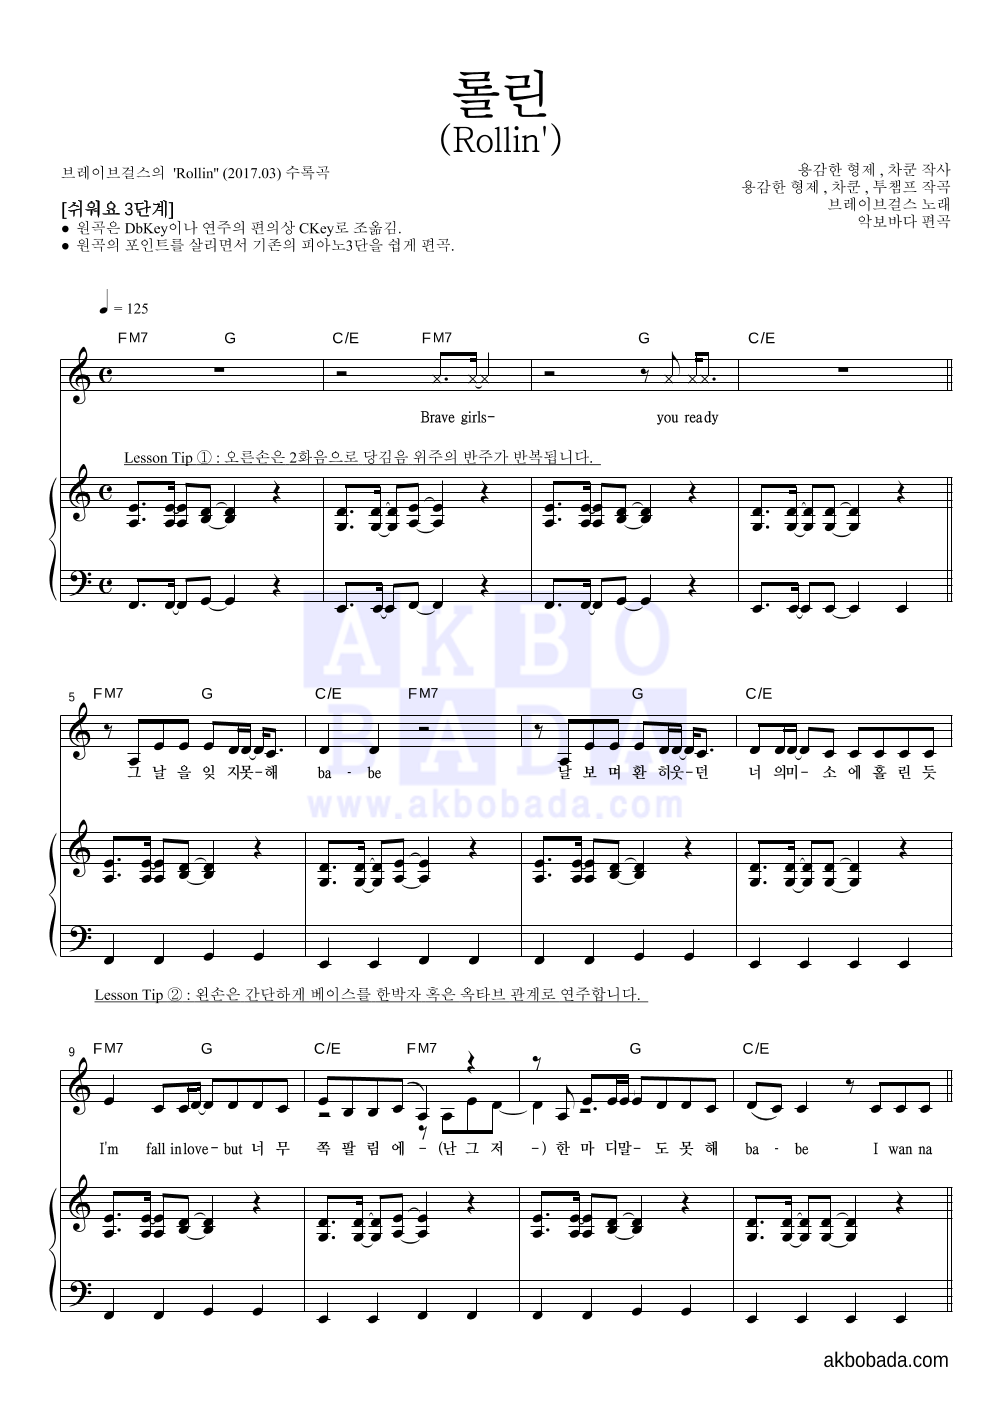 브레이브 걸스 - 롤린 (Rollin') 피아노3단-쉬워요 악보